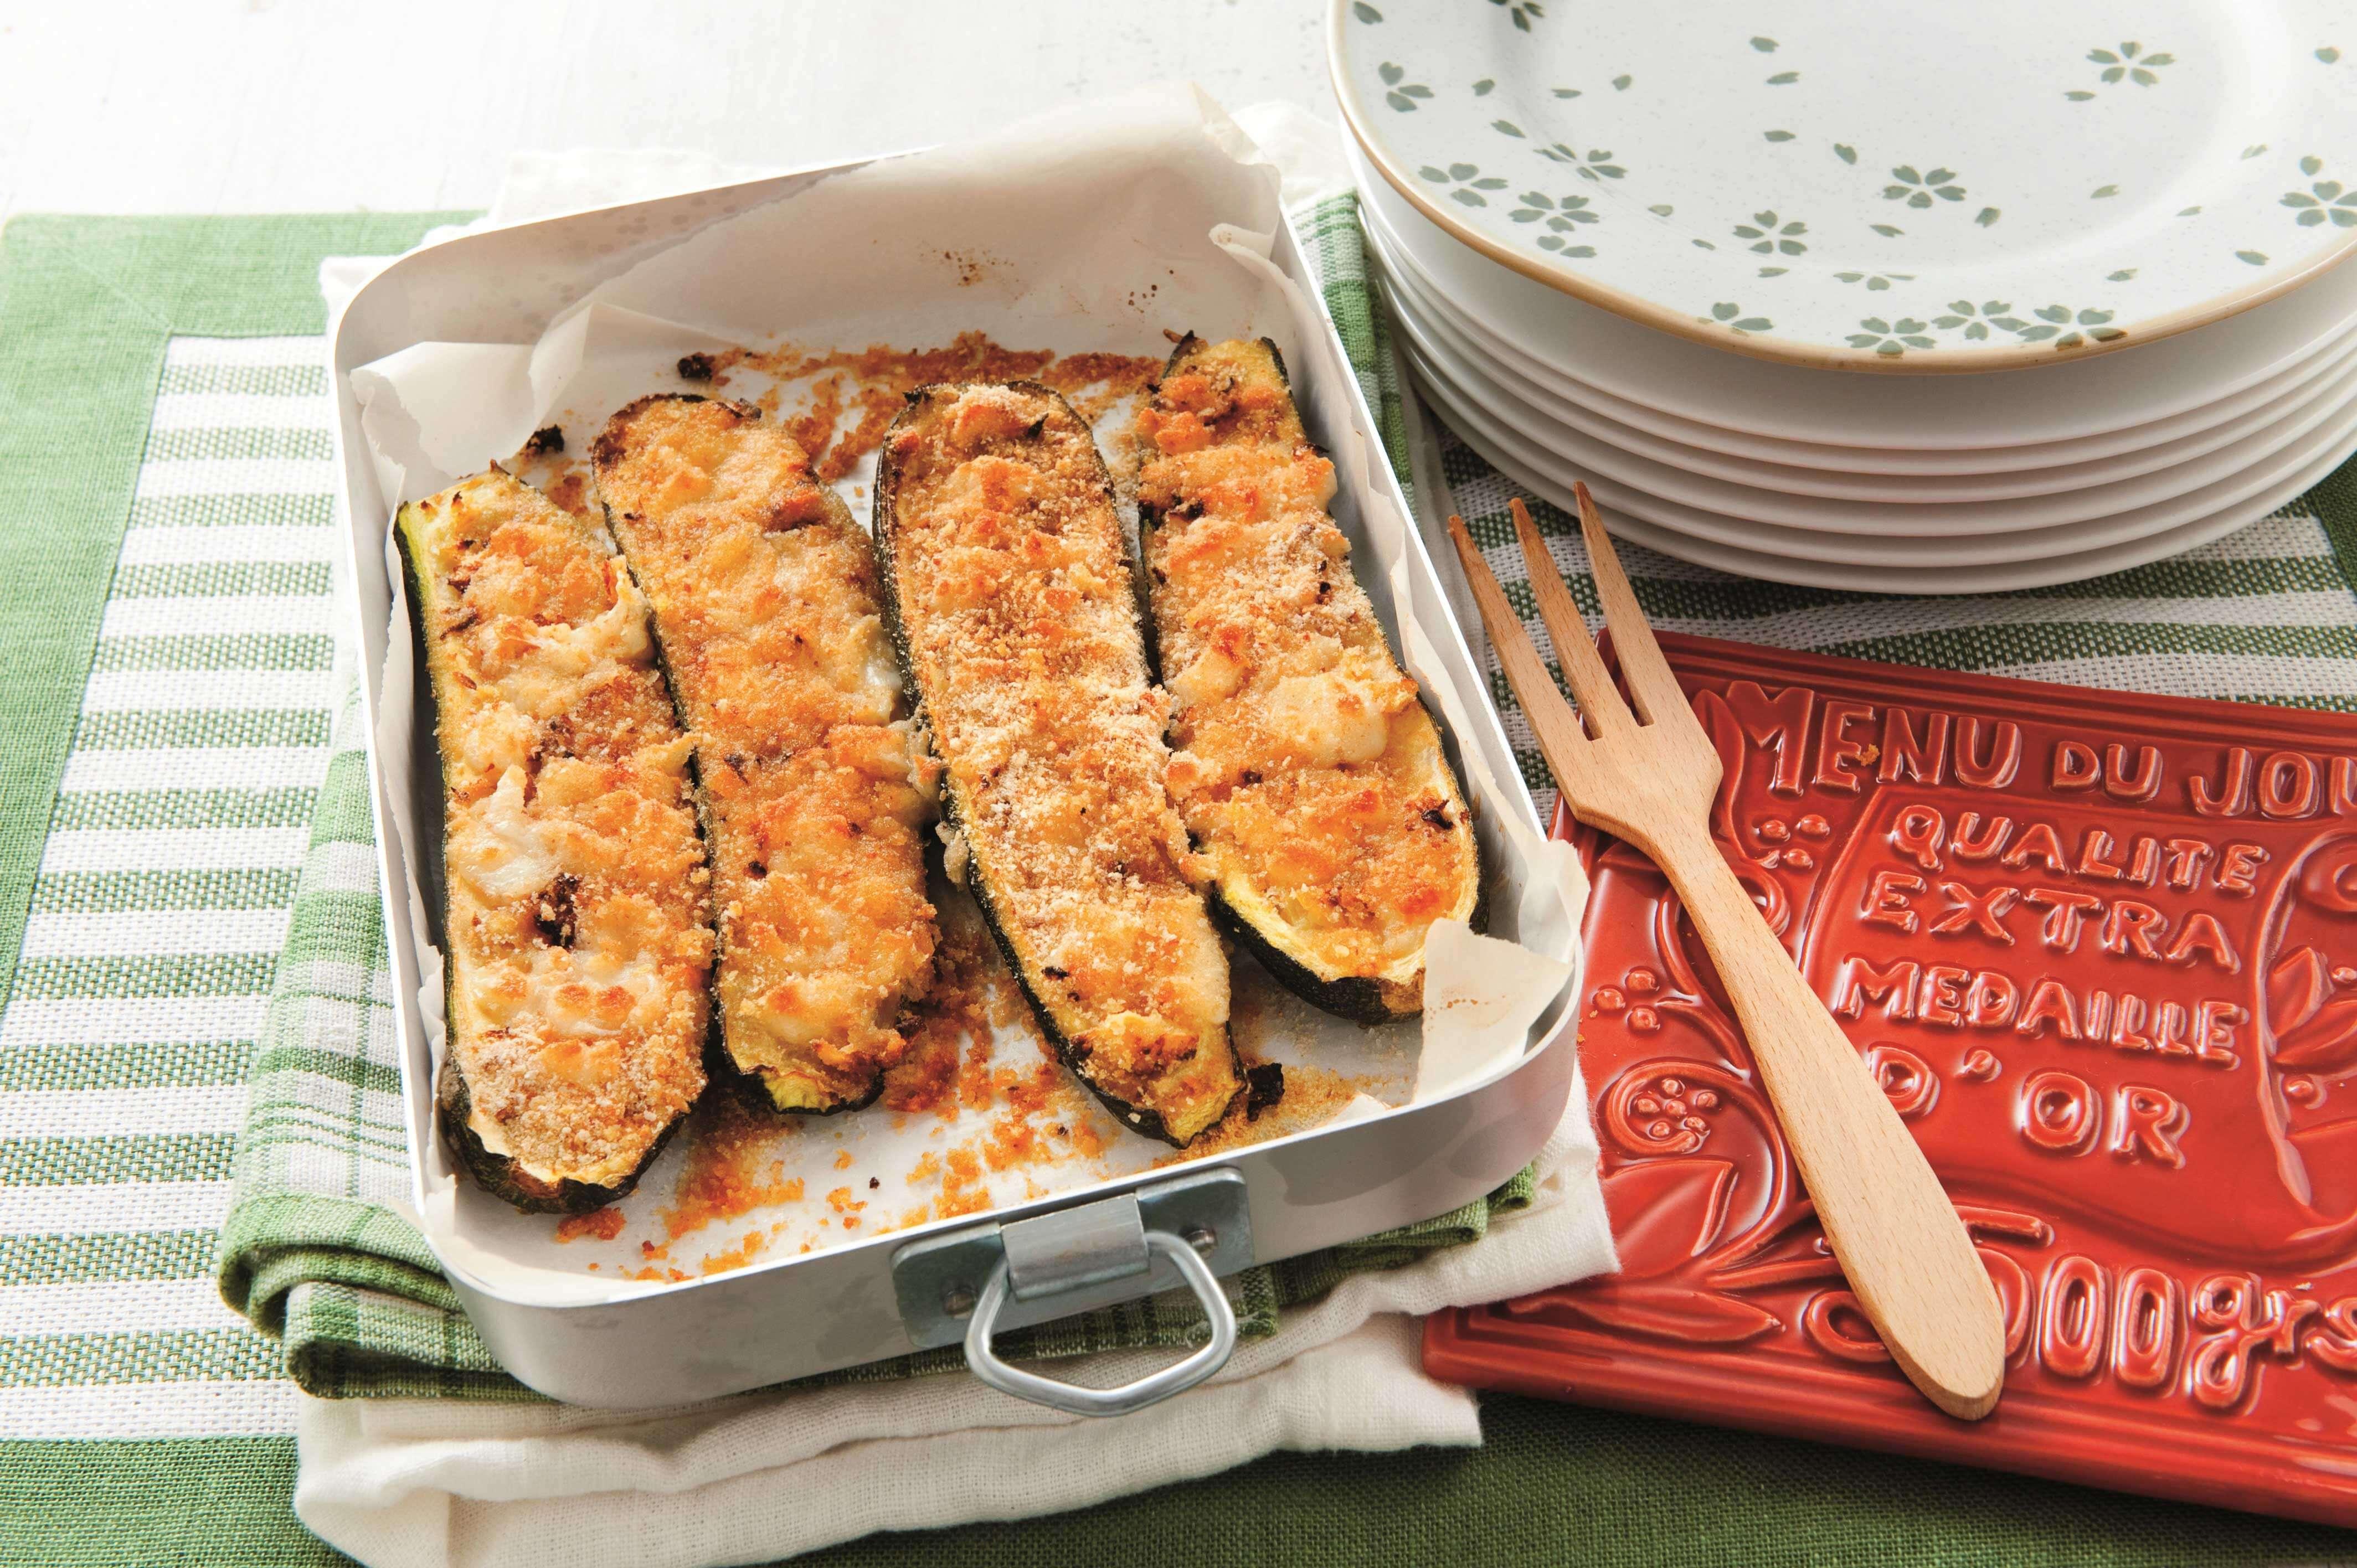 Knusprig überbackene Zucchini mit Mozzarella